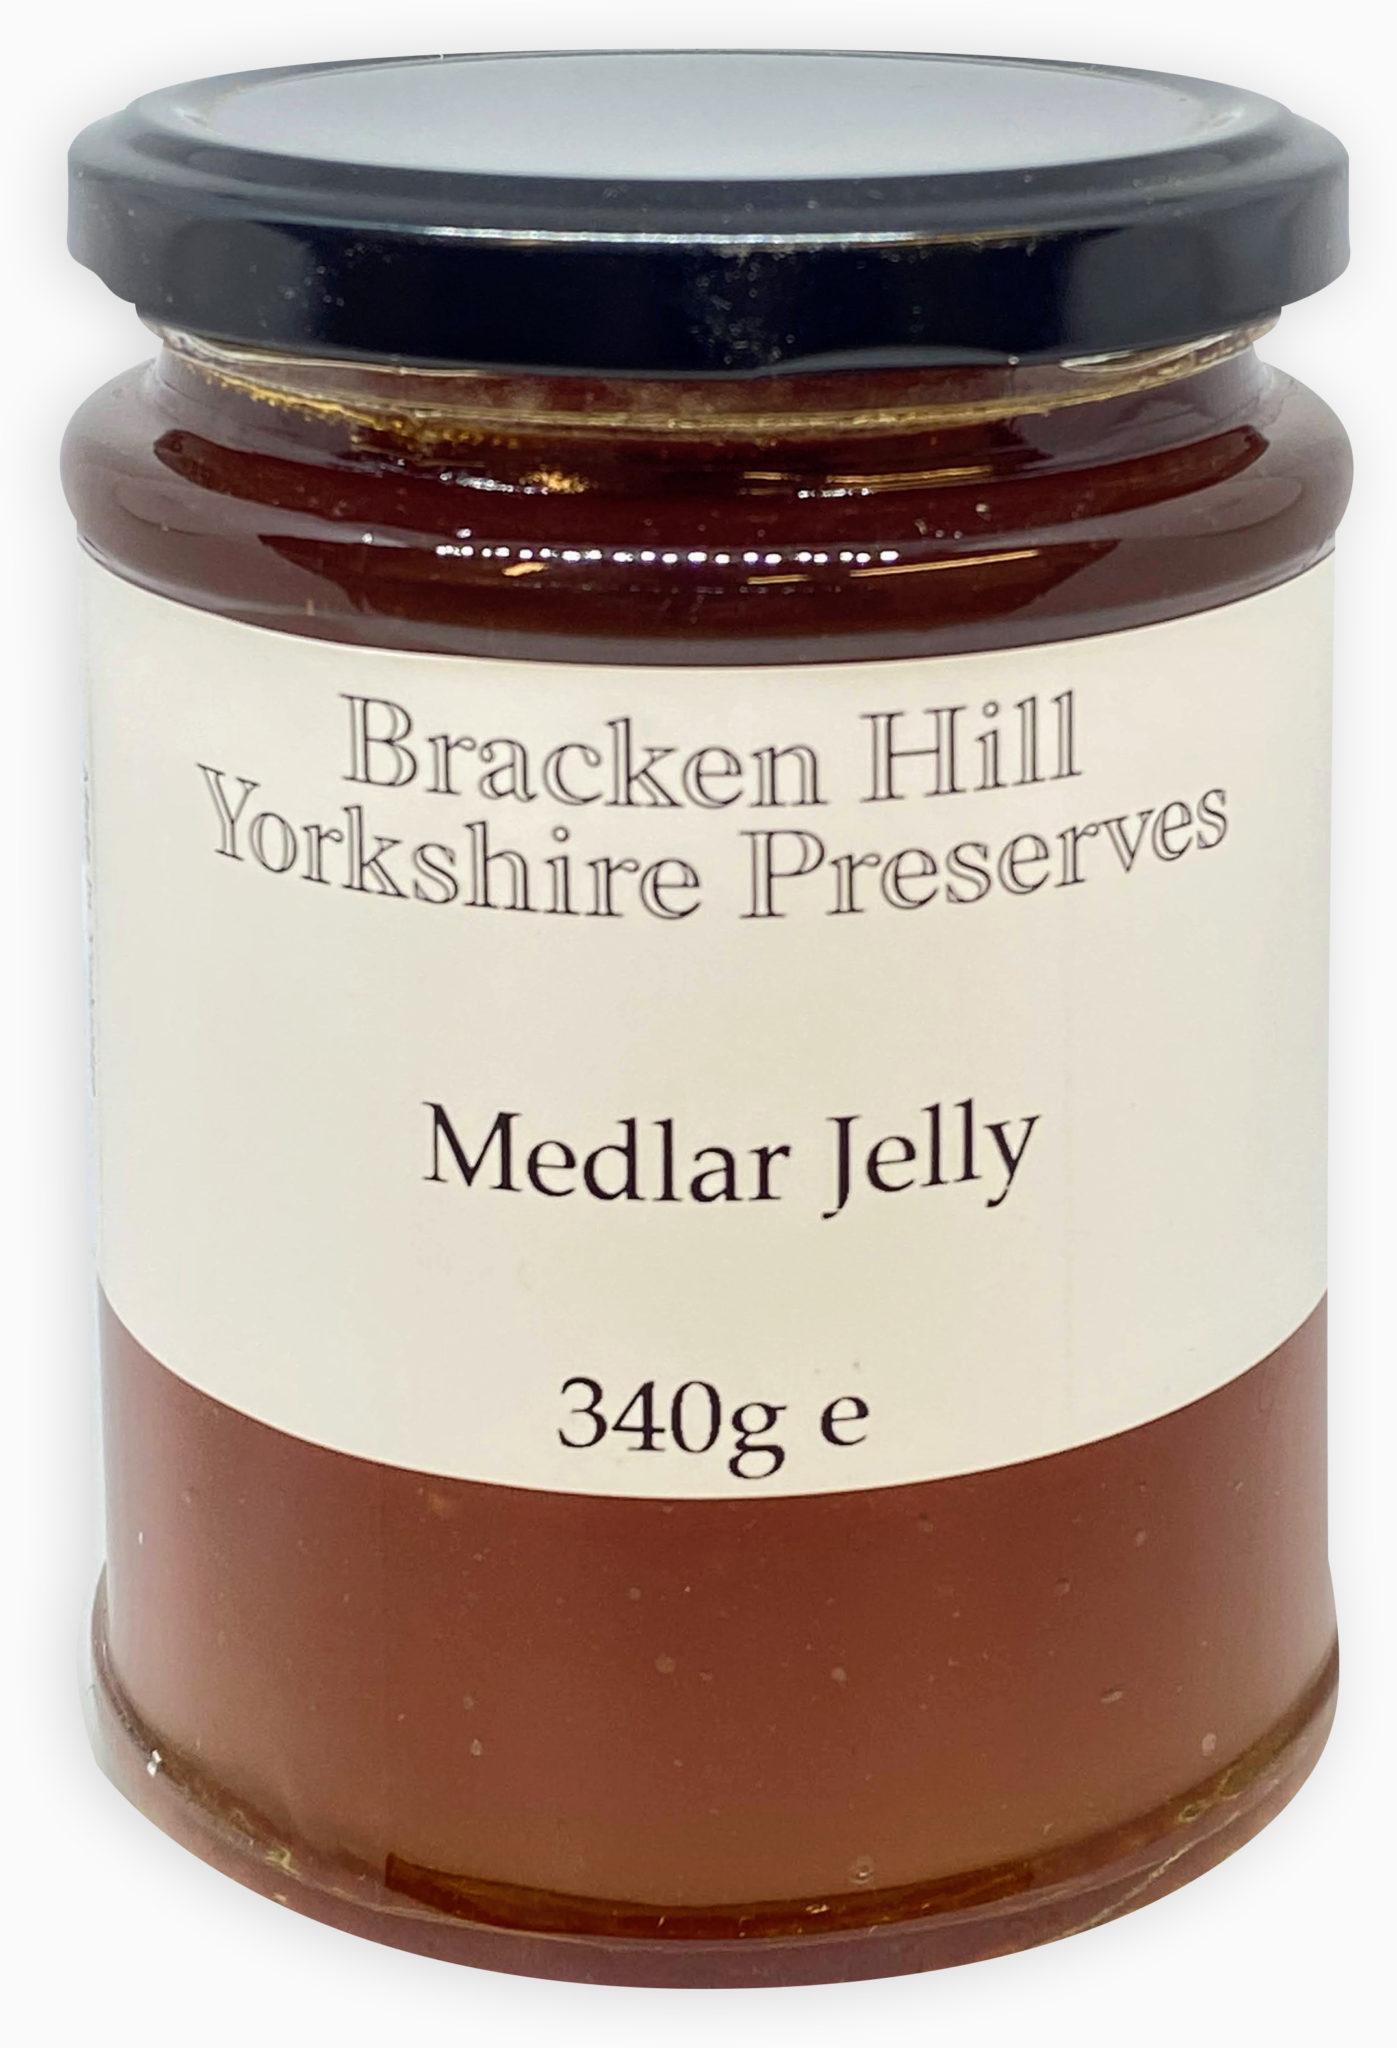 Medlar Jelly